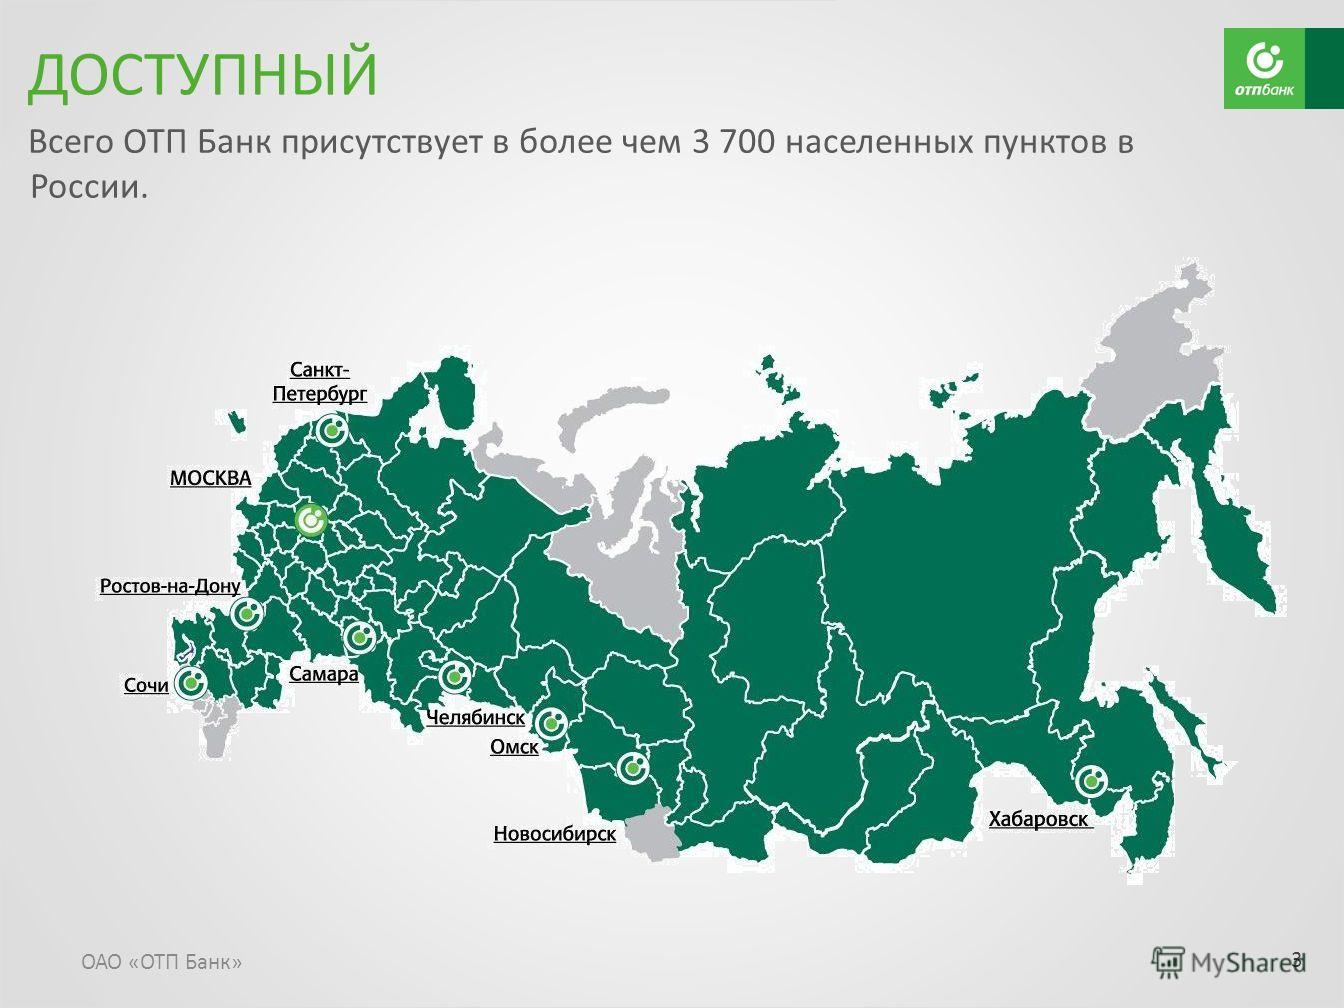 Всего ОТП Банк присутствует в более чем 3 700 населенных пунктов в России. ОАО «ОТП Банк» 3 ДОСТУПНЫЙ